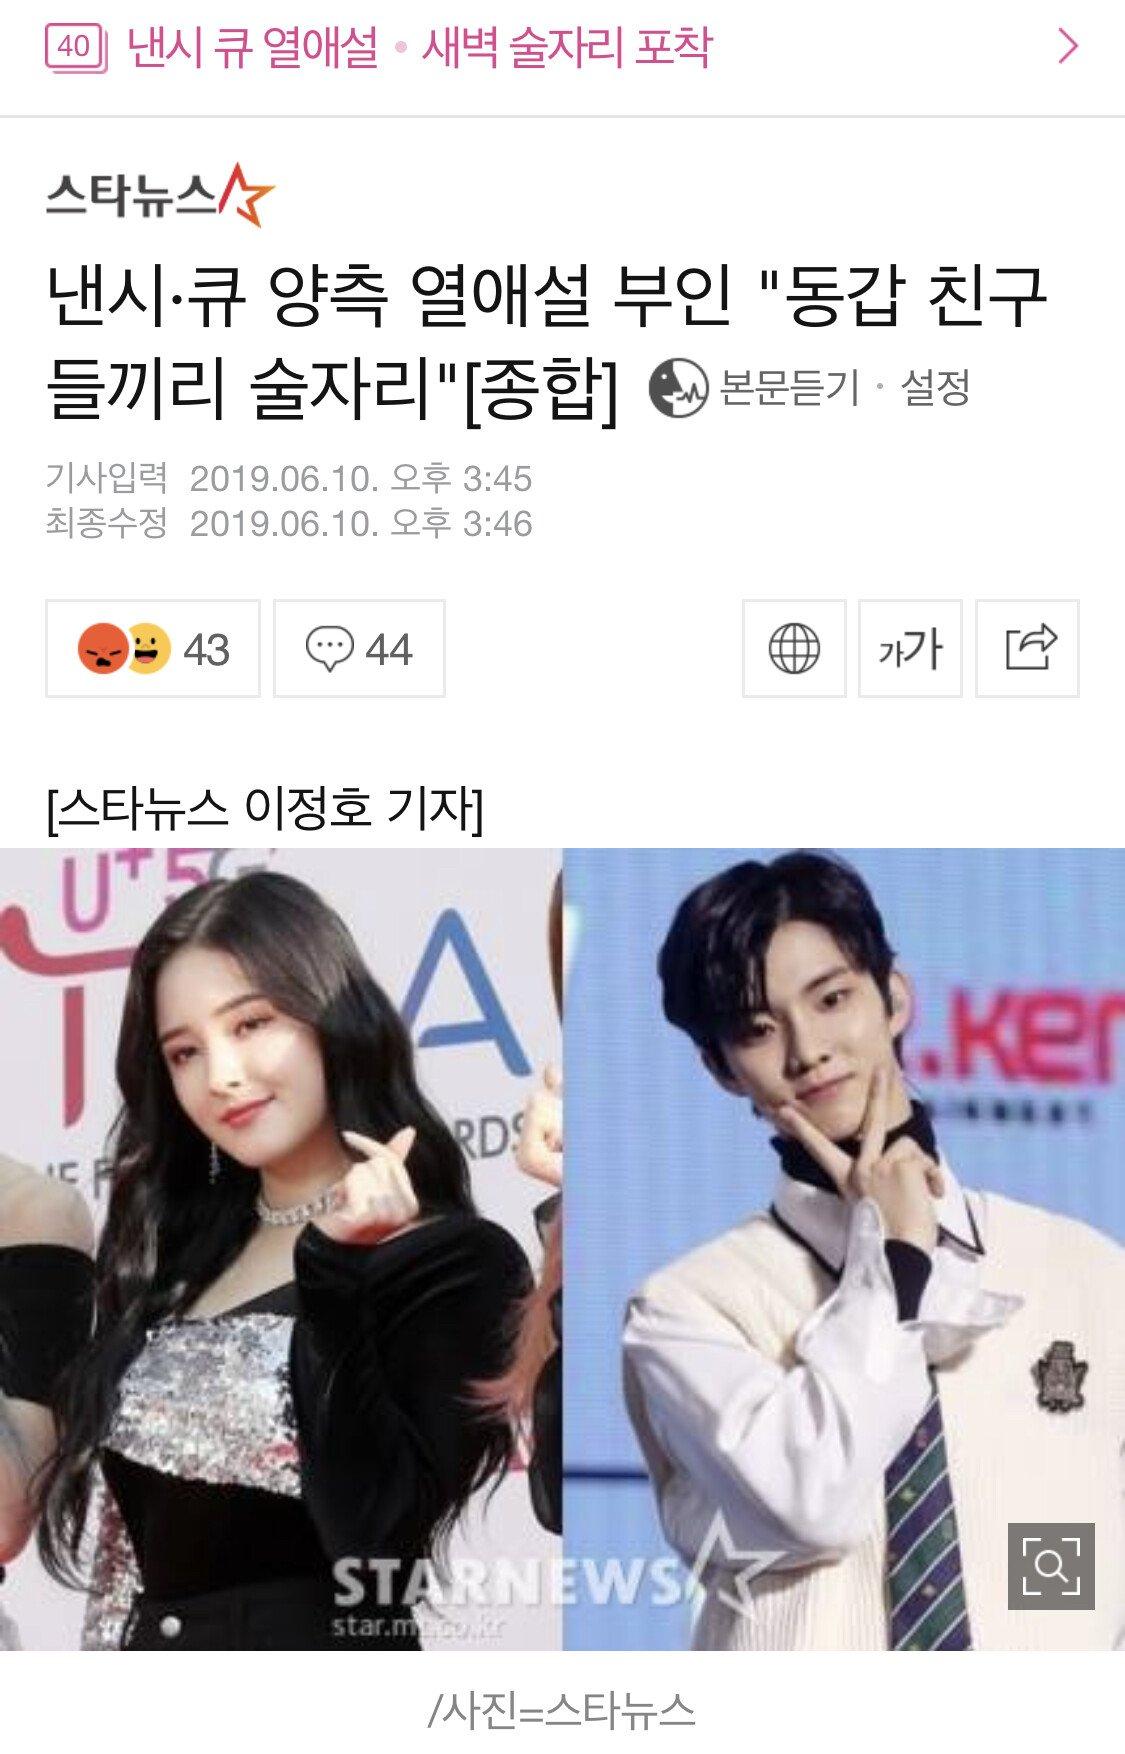 """[종합] 모모랜드 낸시,큐 양측 열애설 부인 """"동갑 친구들끼리 술자리"""".txt"""